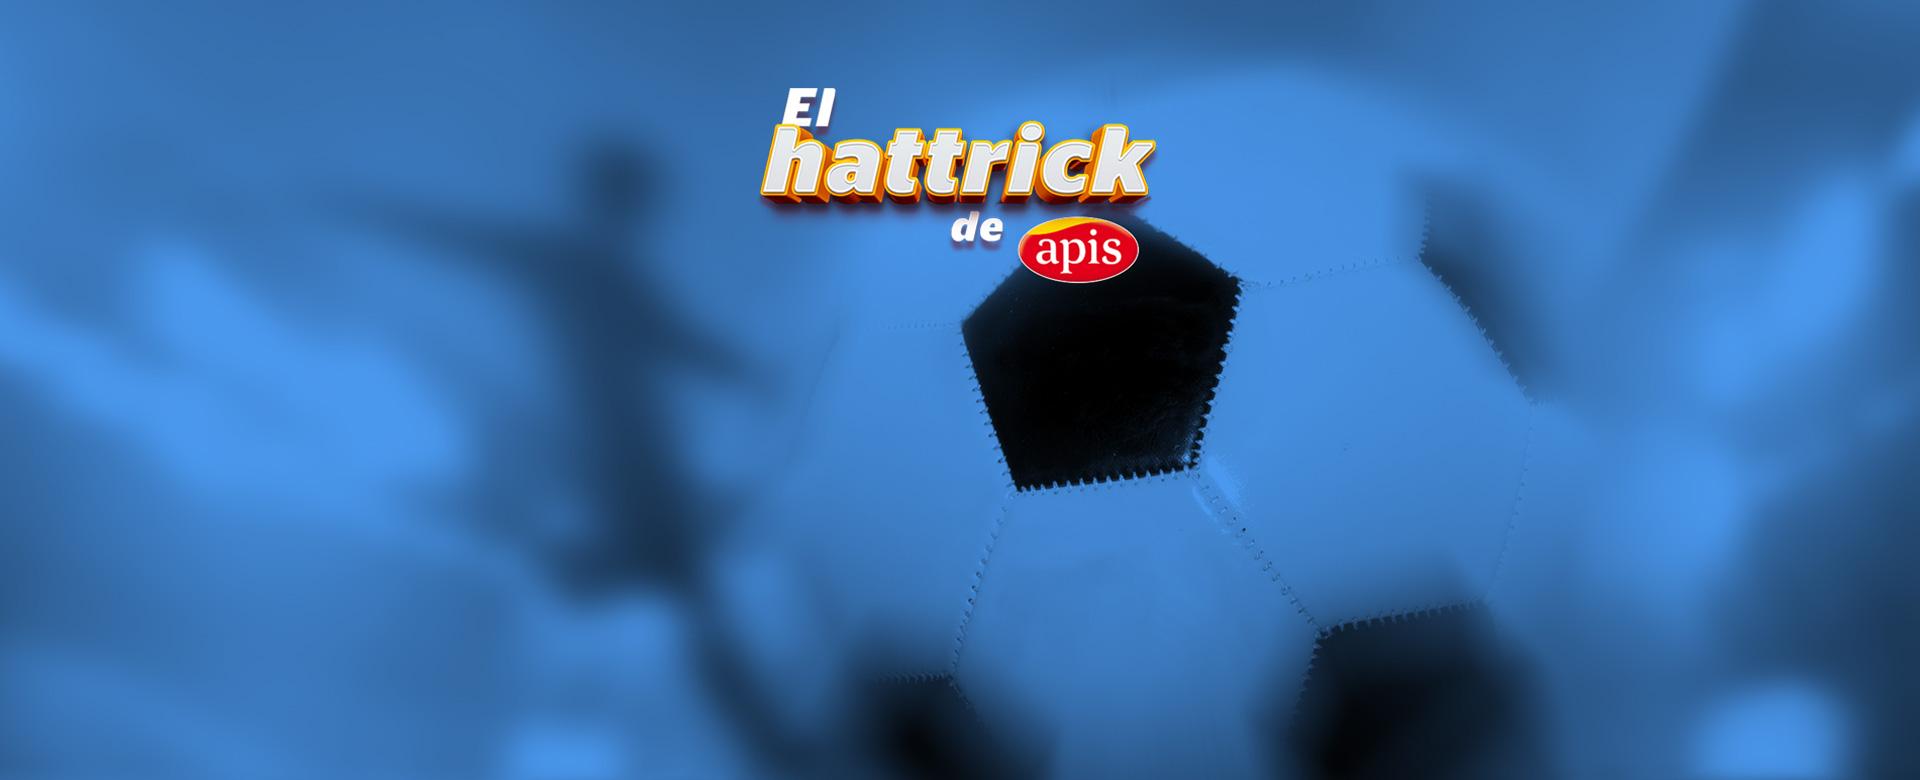 promoción hattrick Apis